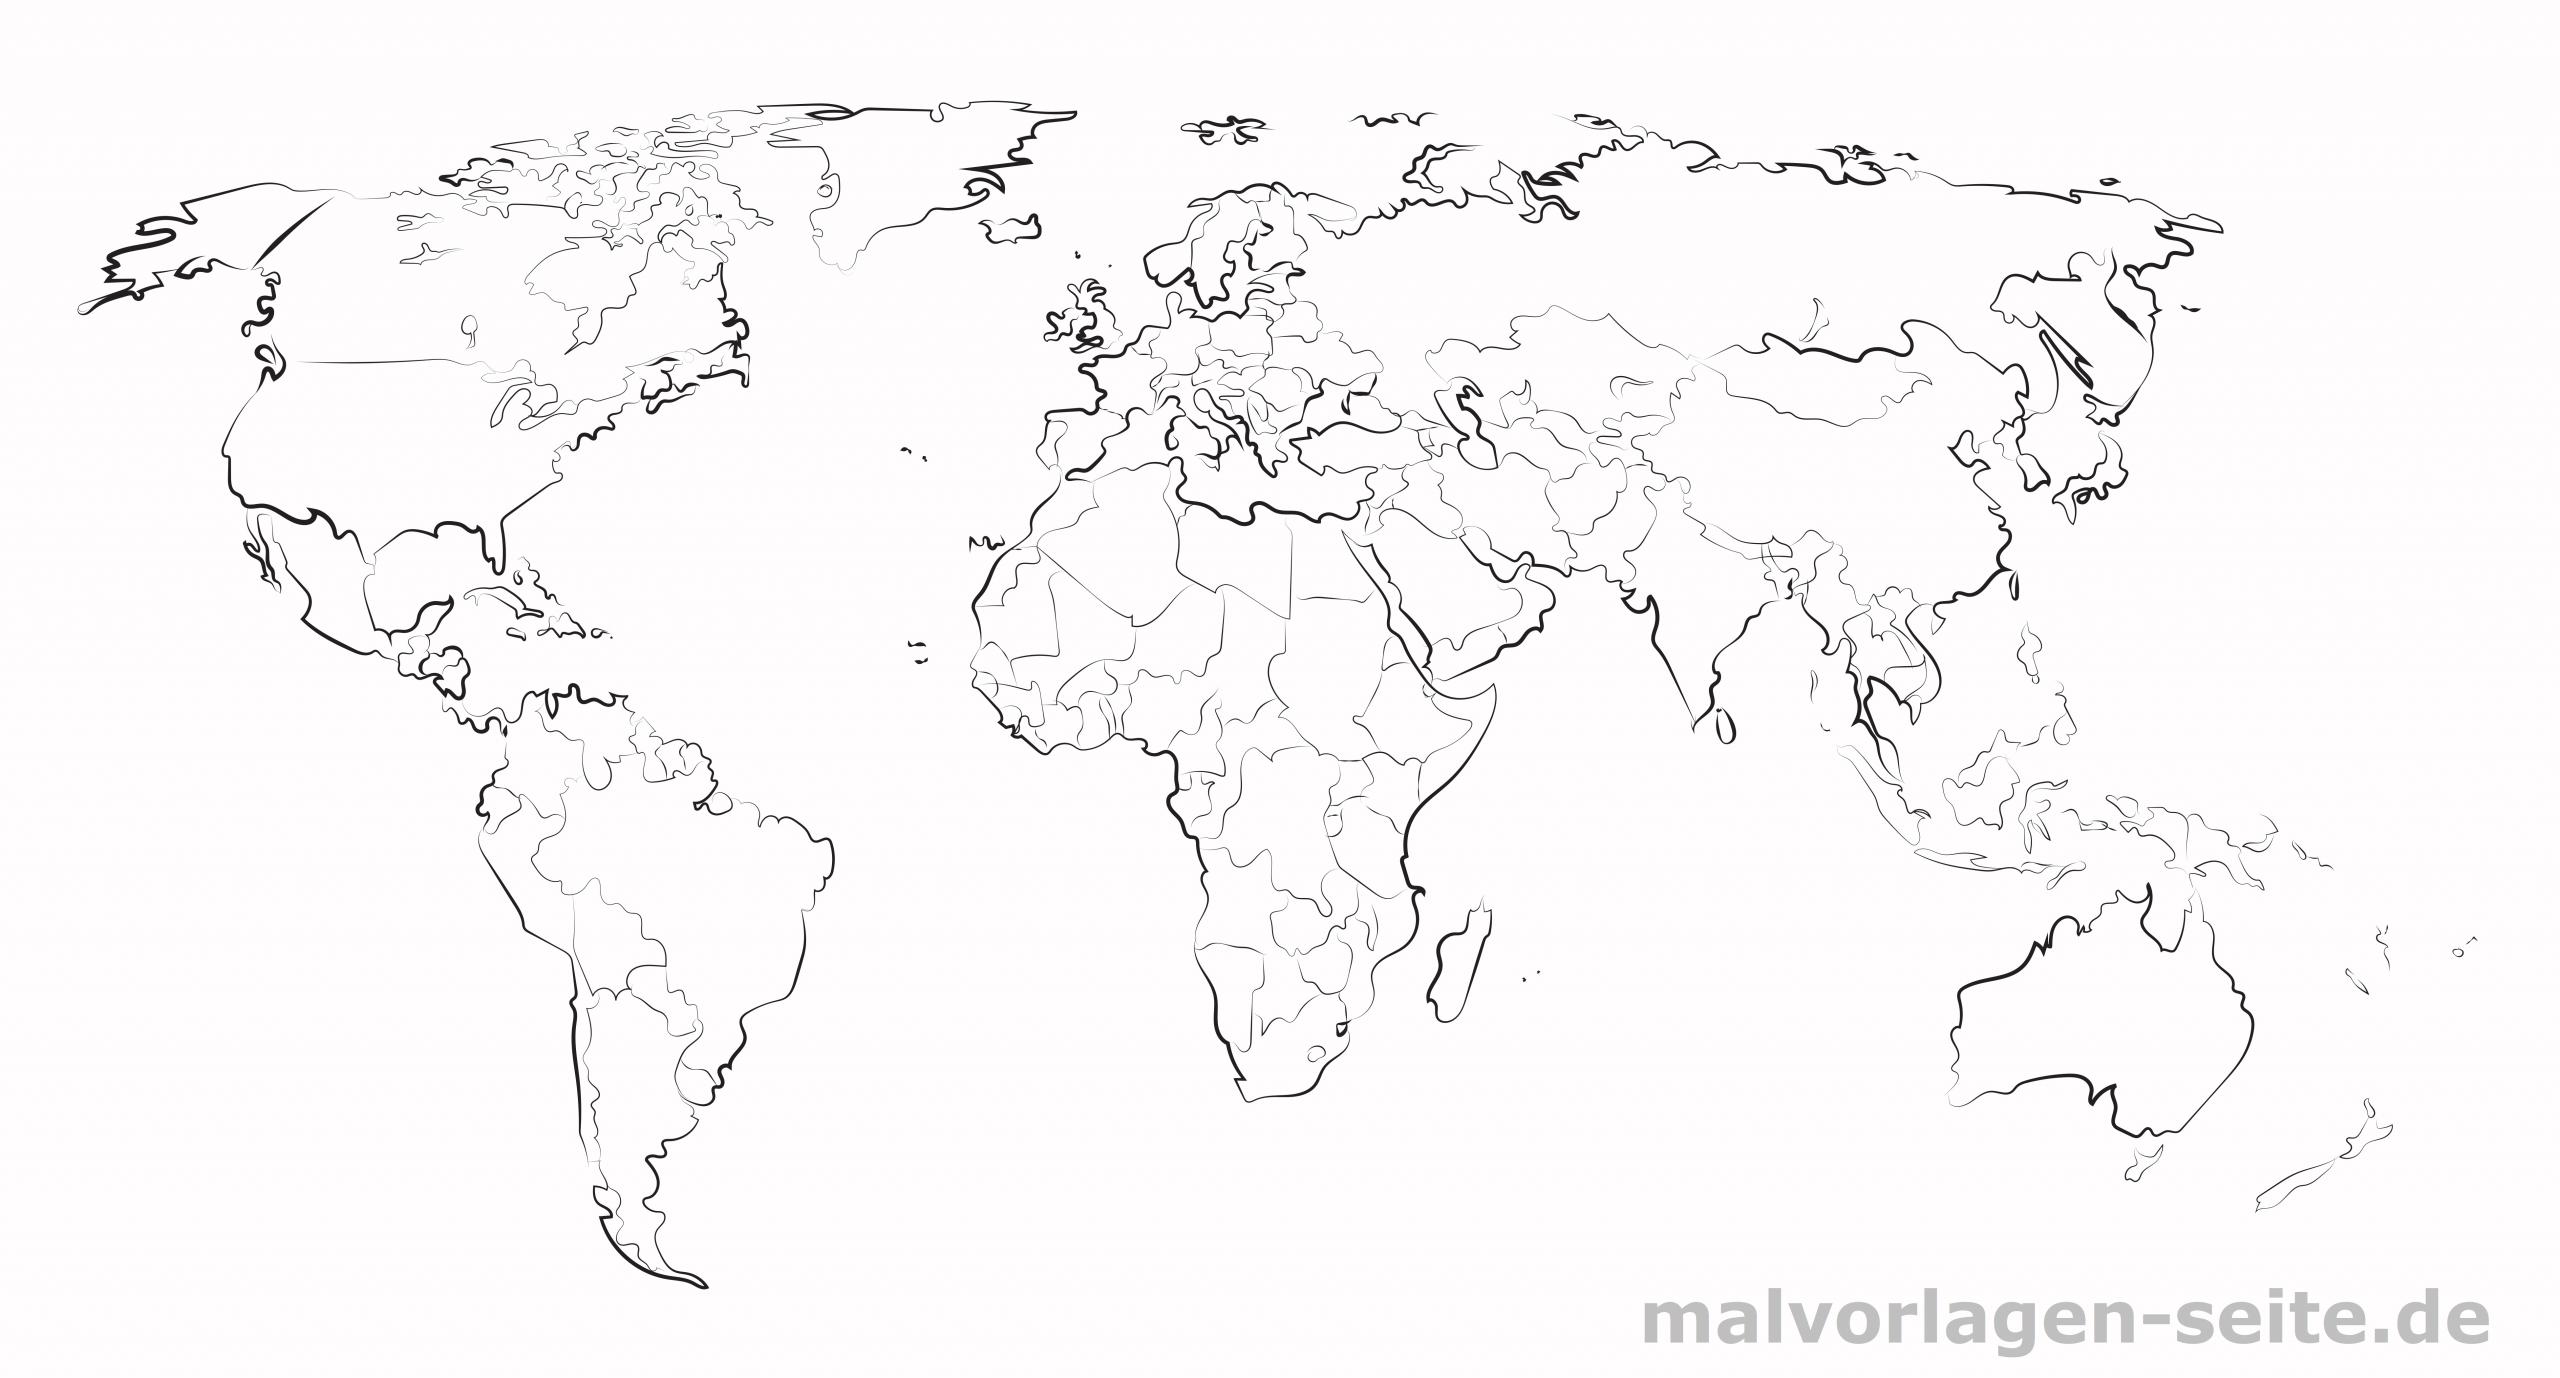 Große Weltkarte Zum Ausdrucken Und Selber Gestalten für Weltkarte Ausmalen